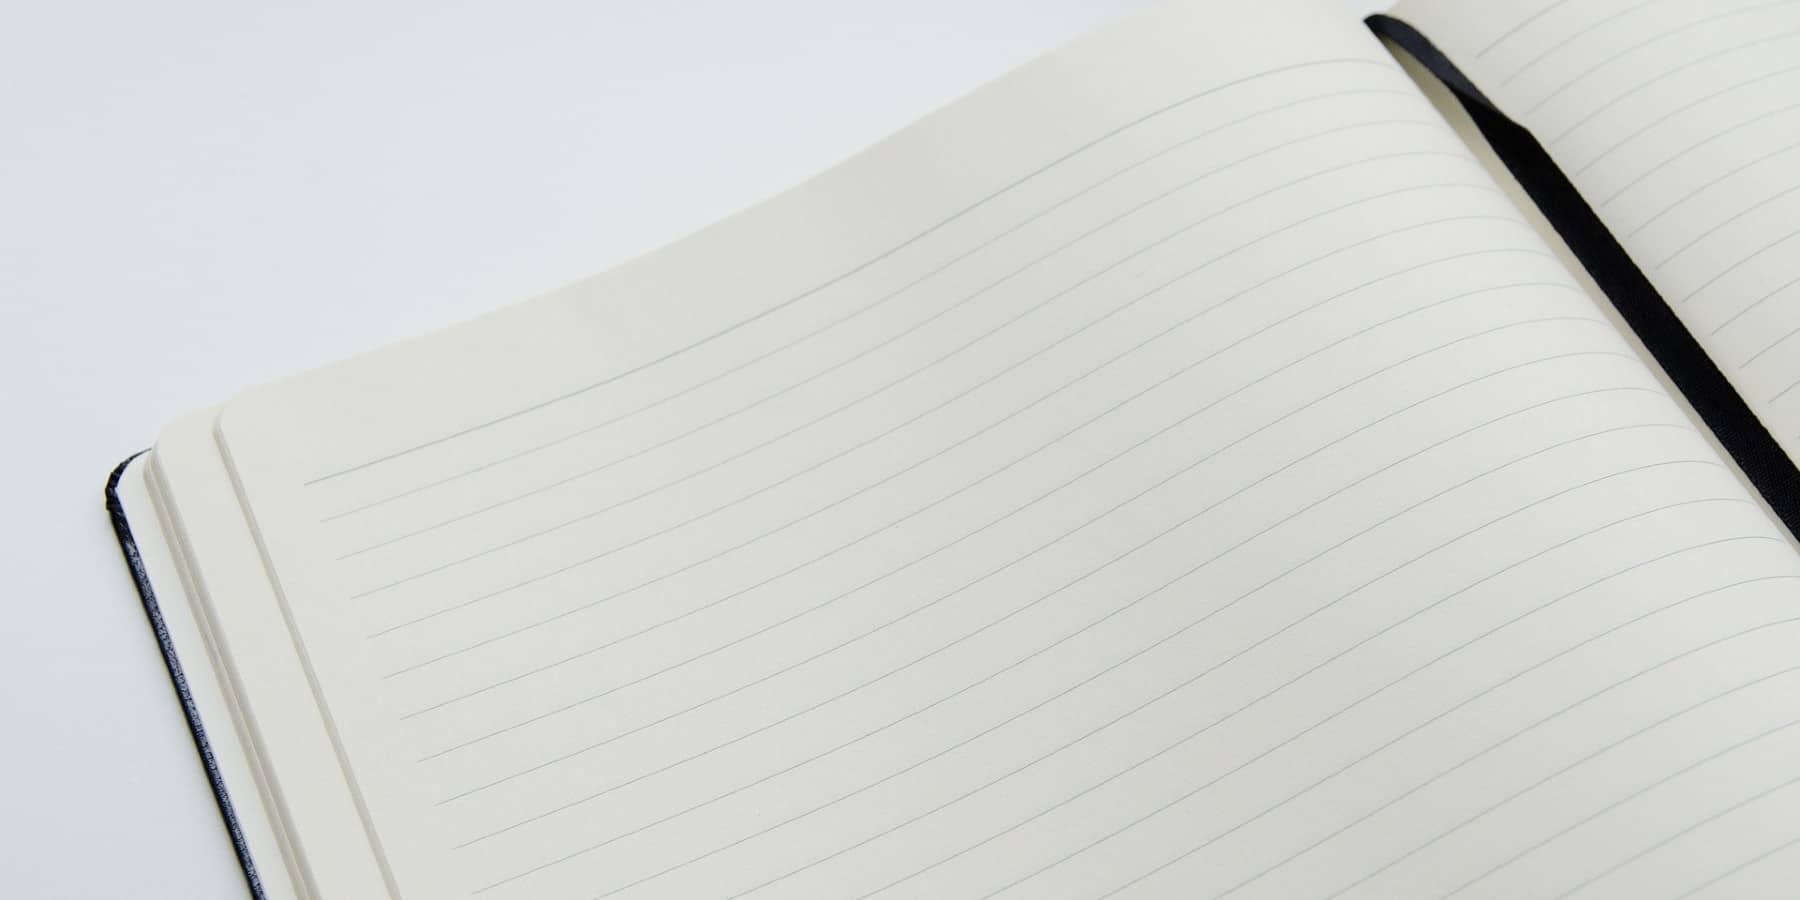 Nichts ist inspirierender als ein weißes Blatt Papier